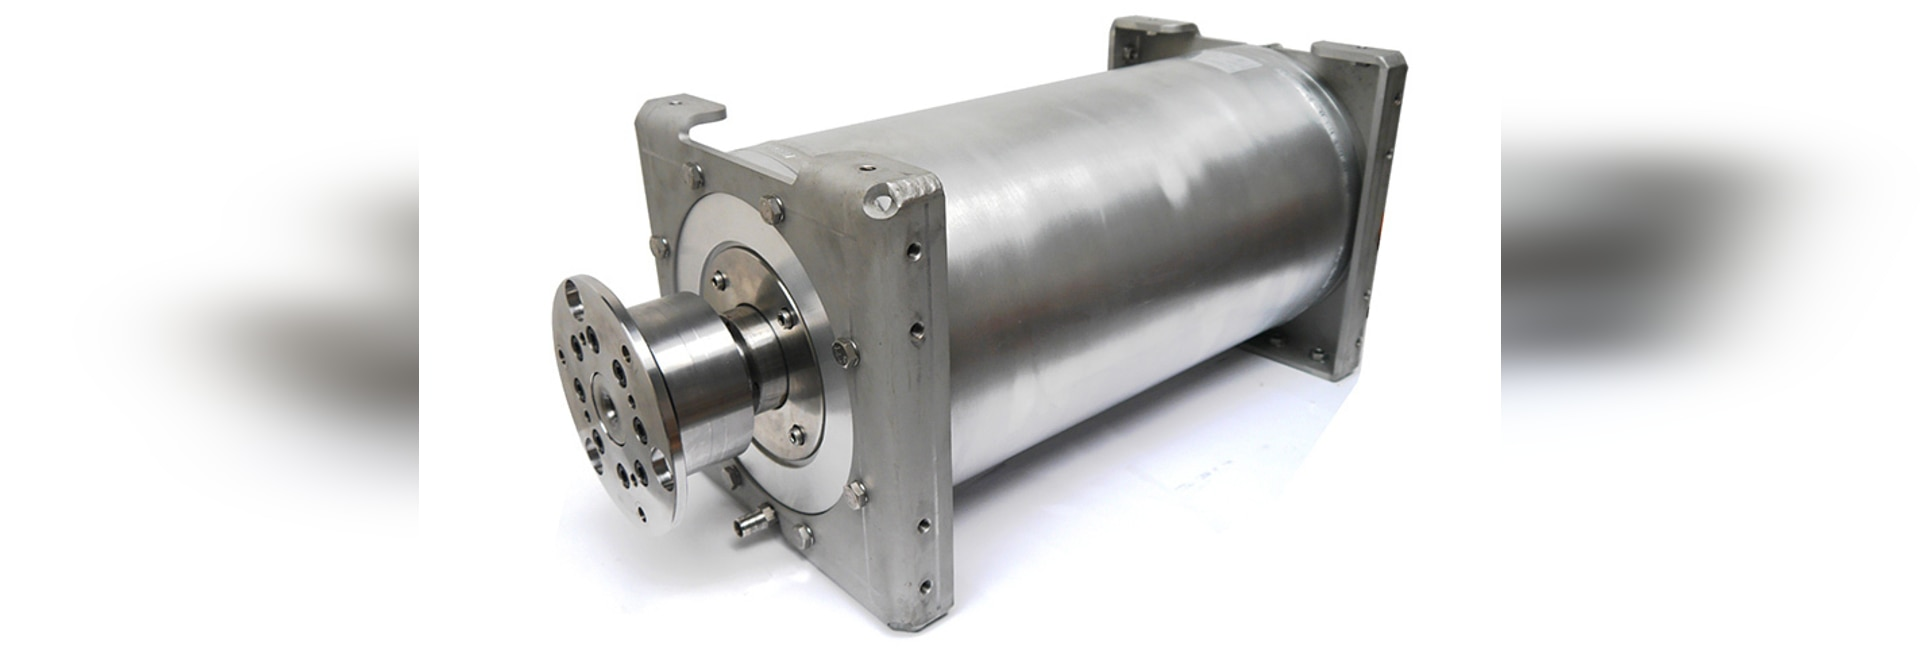 Panda di Fischer un motore elettrico di 100 chilowatt per 360 sistemi ad alta tensione di V EasyBox